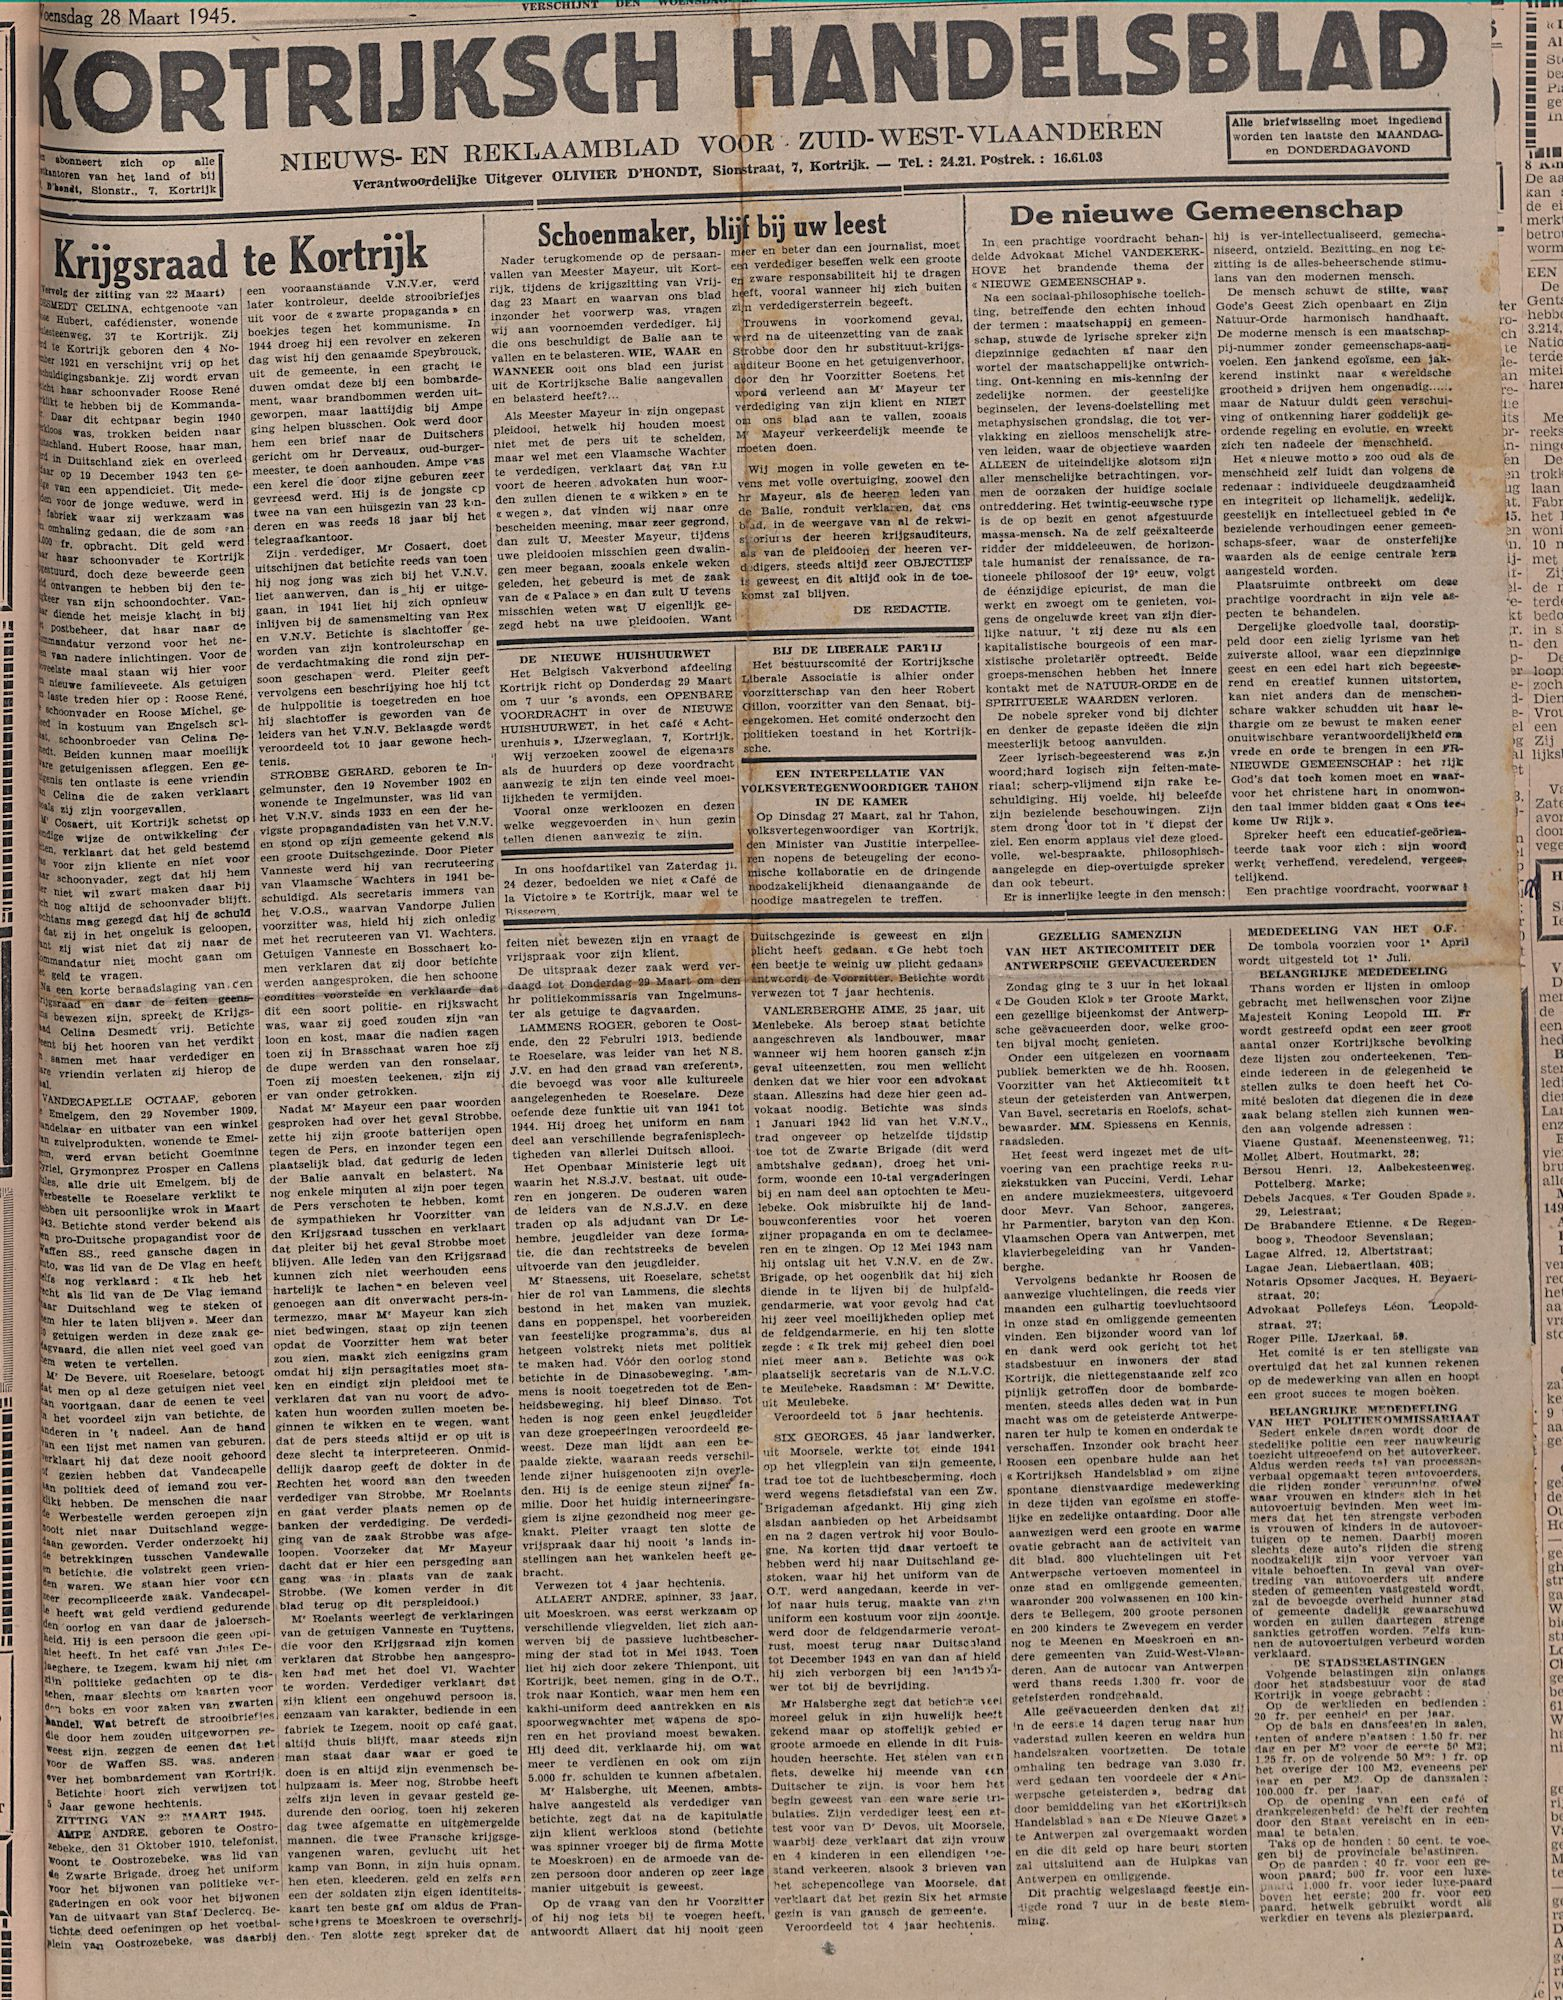 Kortrijksch Handelsblad 28 maart 1945 Nr25  p1